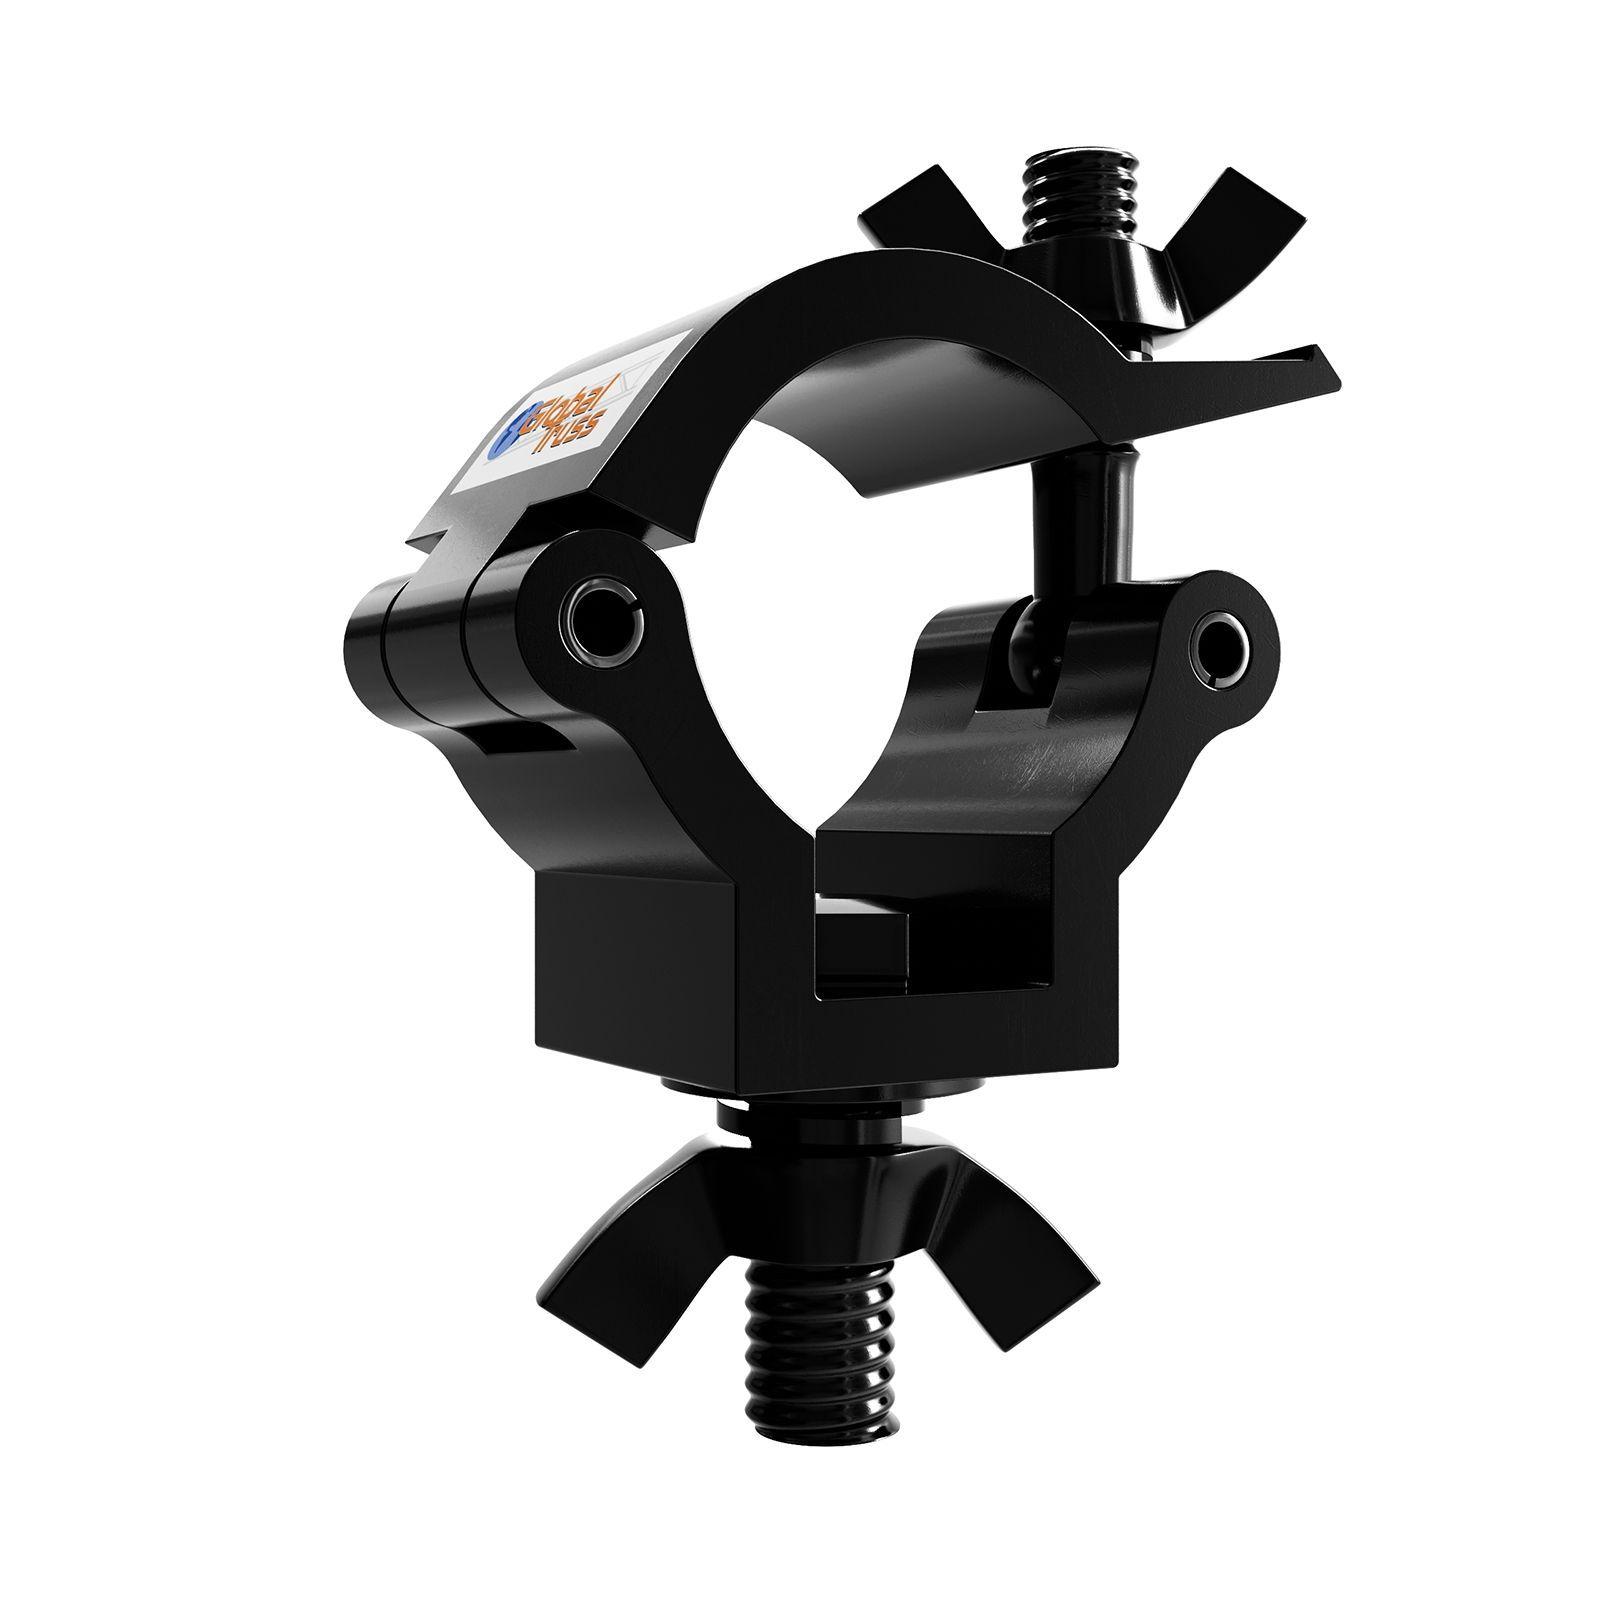 Global Truss 5036-B schwarz Half-Coupler Small 32 - 35mm /30/75kg